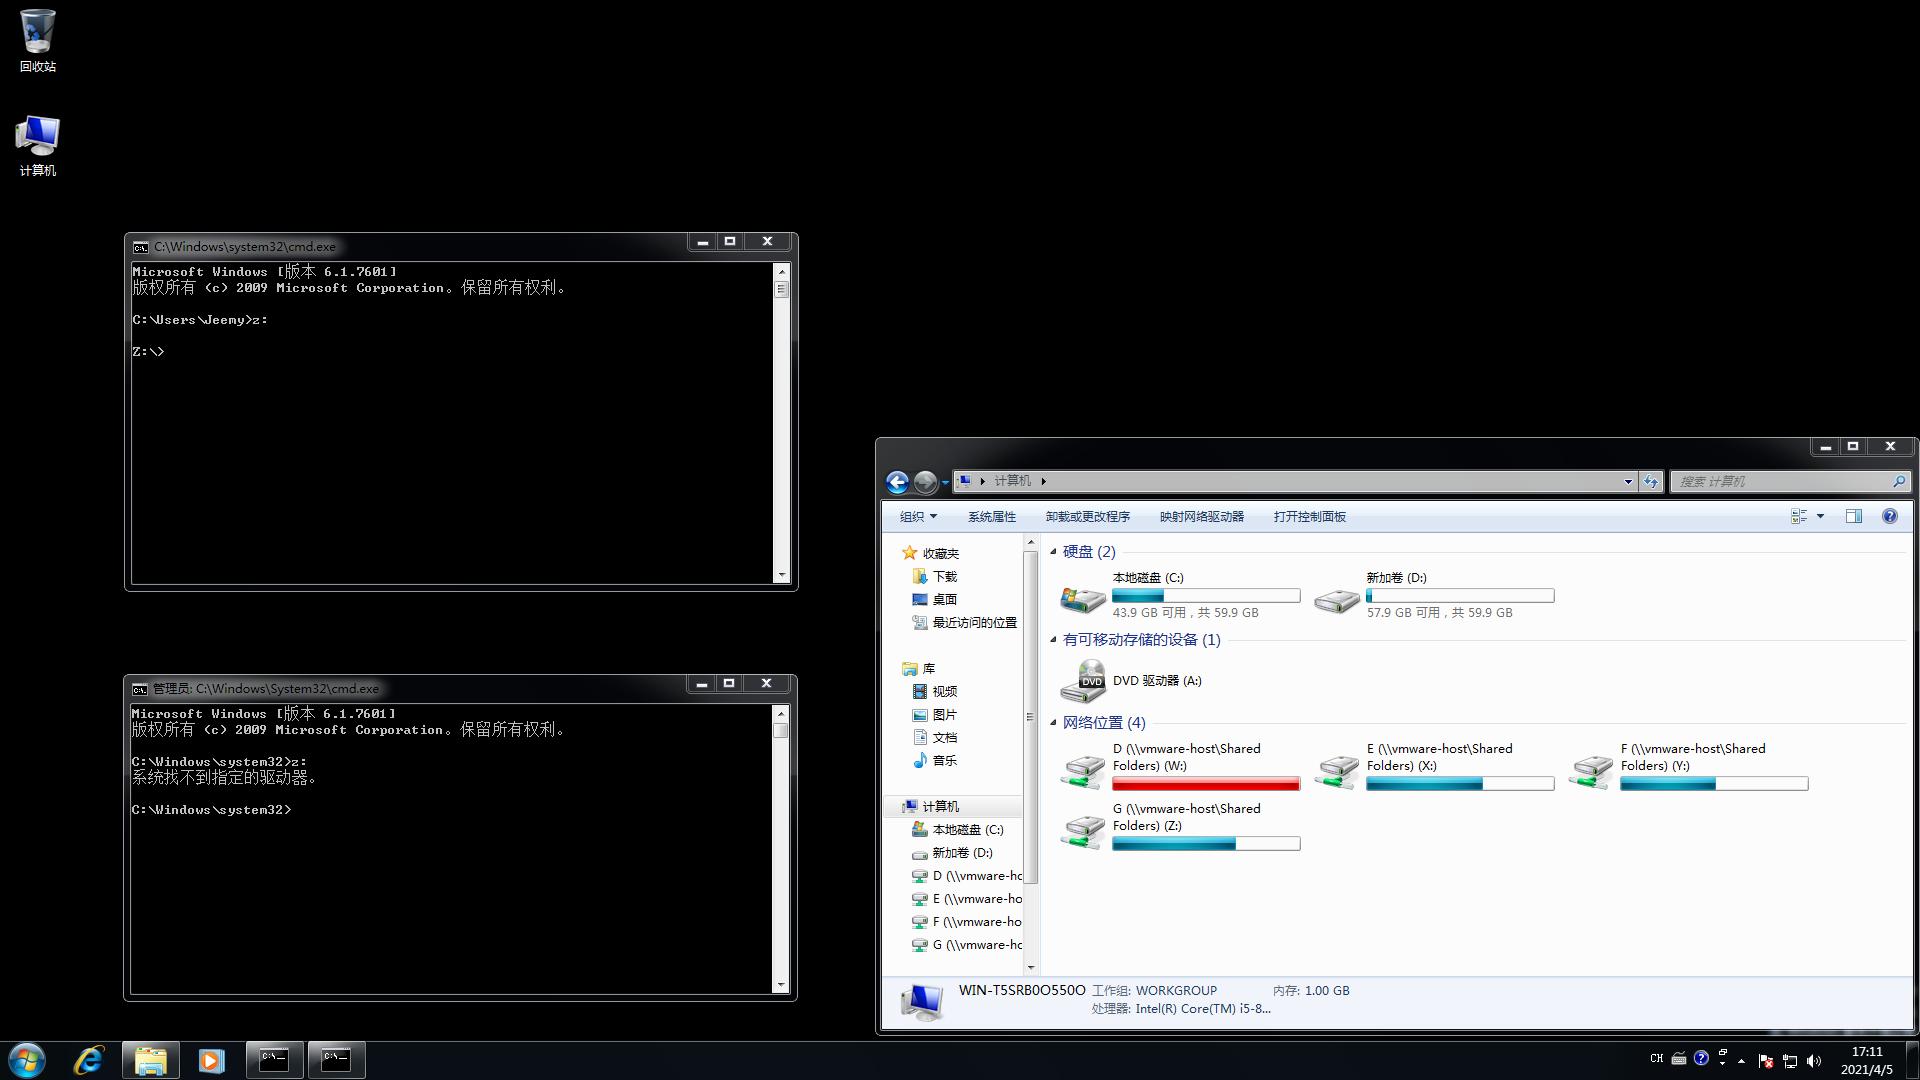 建立磁盘映射之后,不同权限的cmd可访问的情况不同